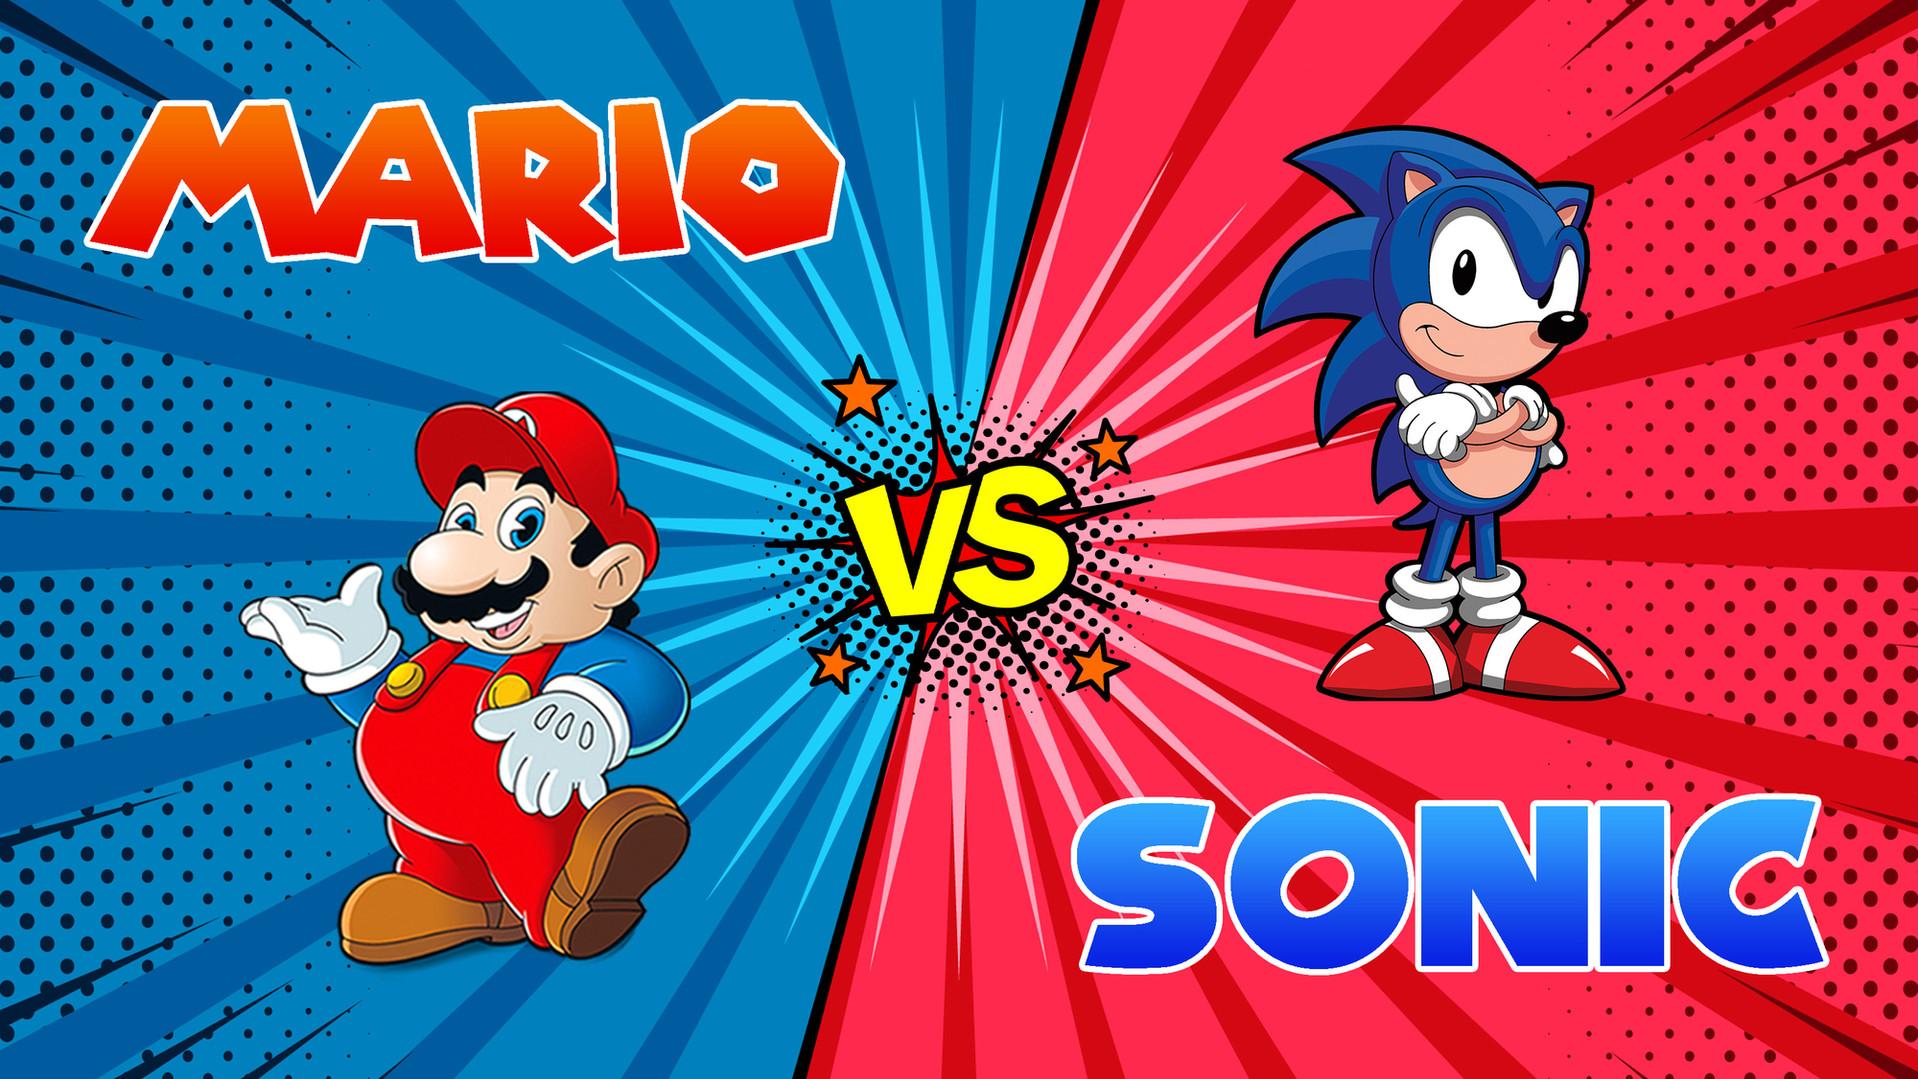 Mario vs Sonic_featuredImage.jpg